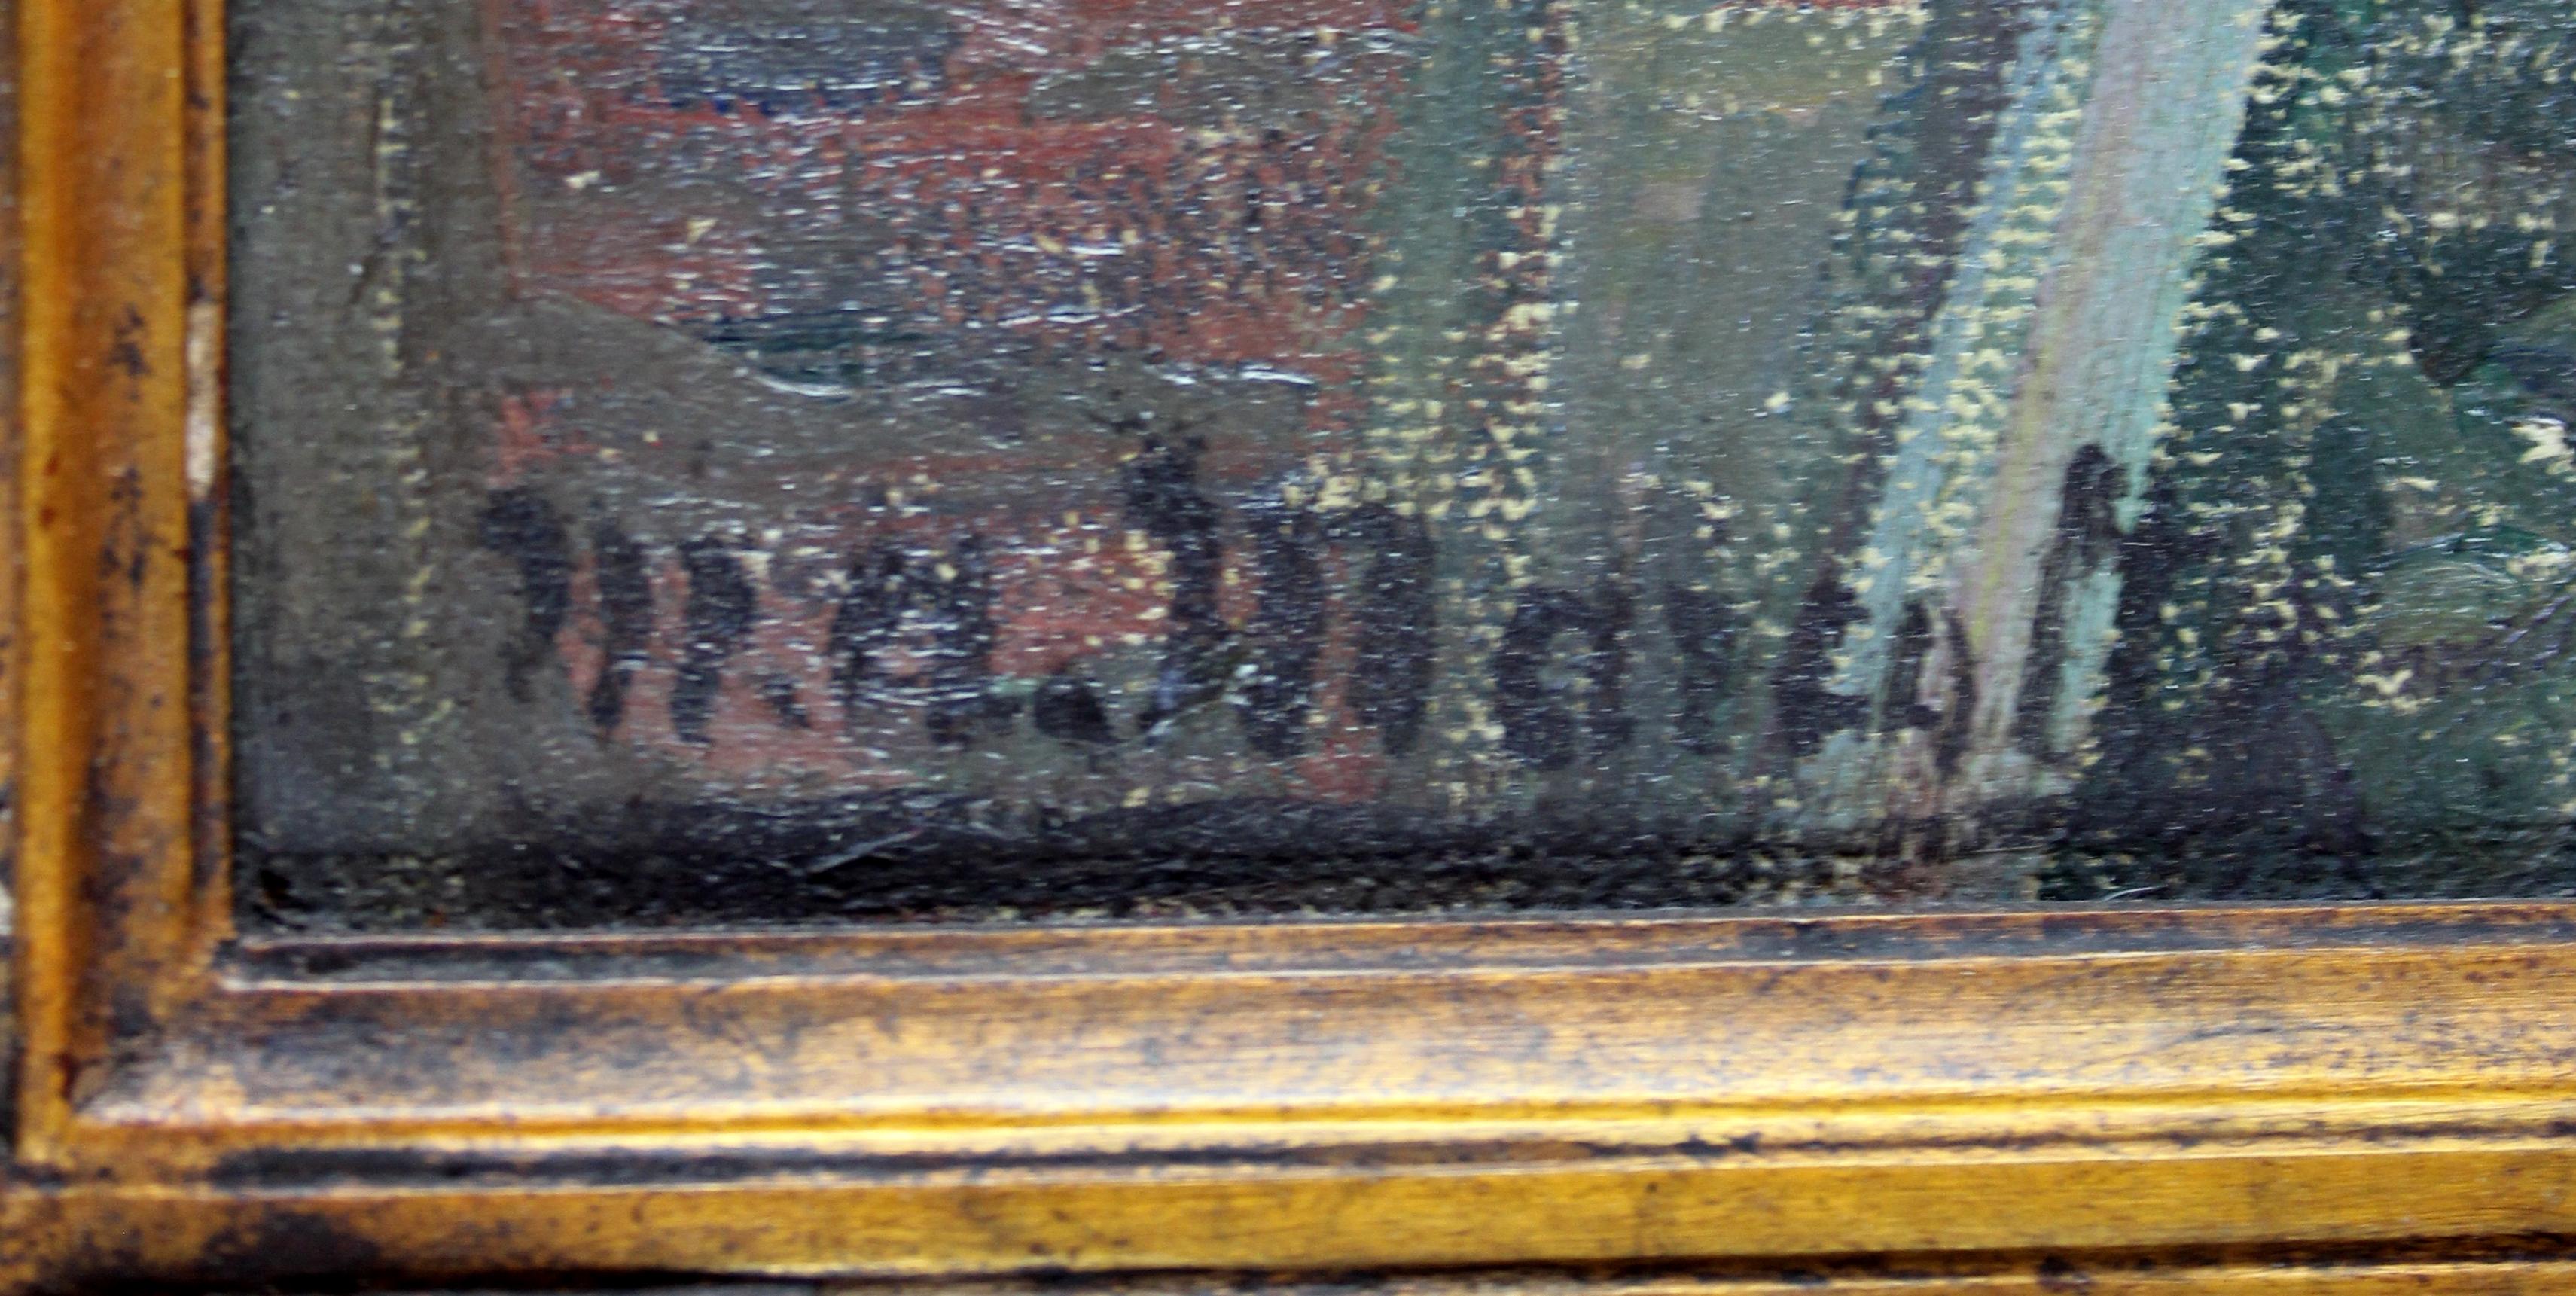 Fichier:Marcotte Marie Antoinette - Signature 1.jpg — Wikipédia